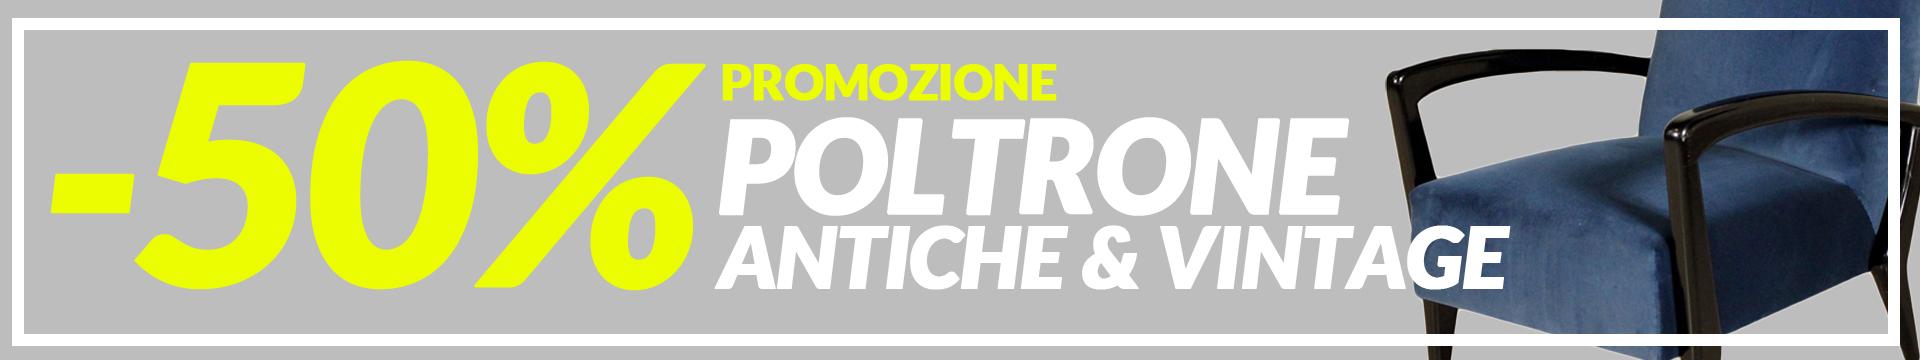 Promozione Poltrone Antiche & Vintage -50%